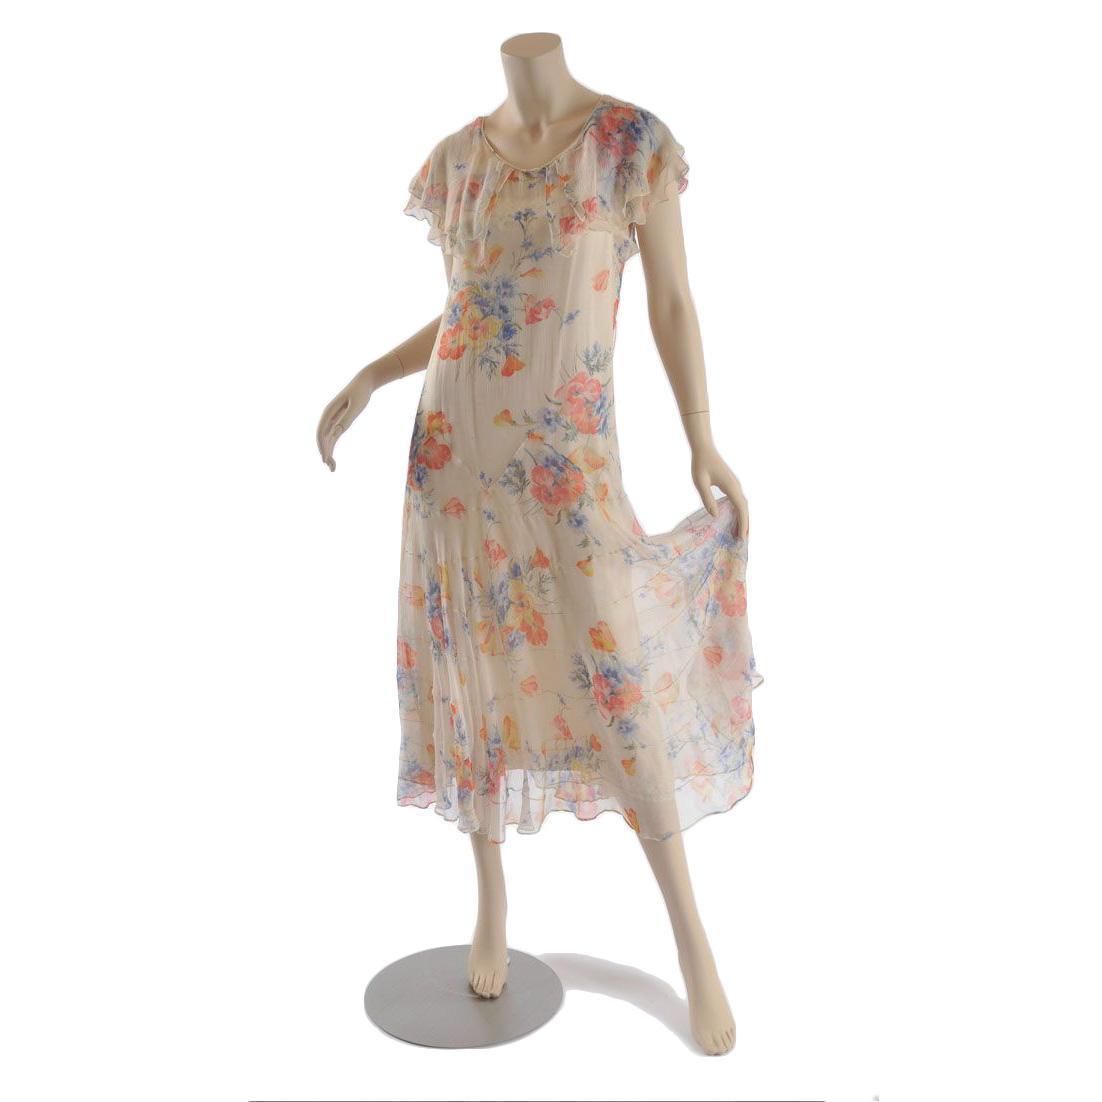 vintage 1920s 1930s floral chiffon lingerie dress s